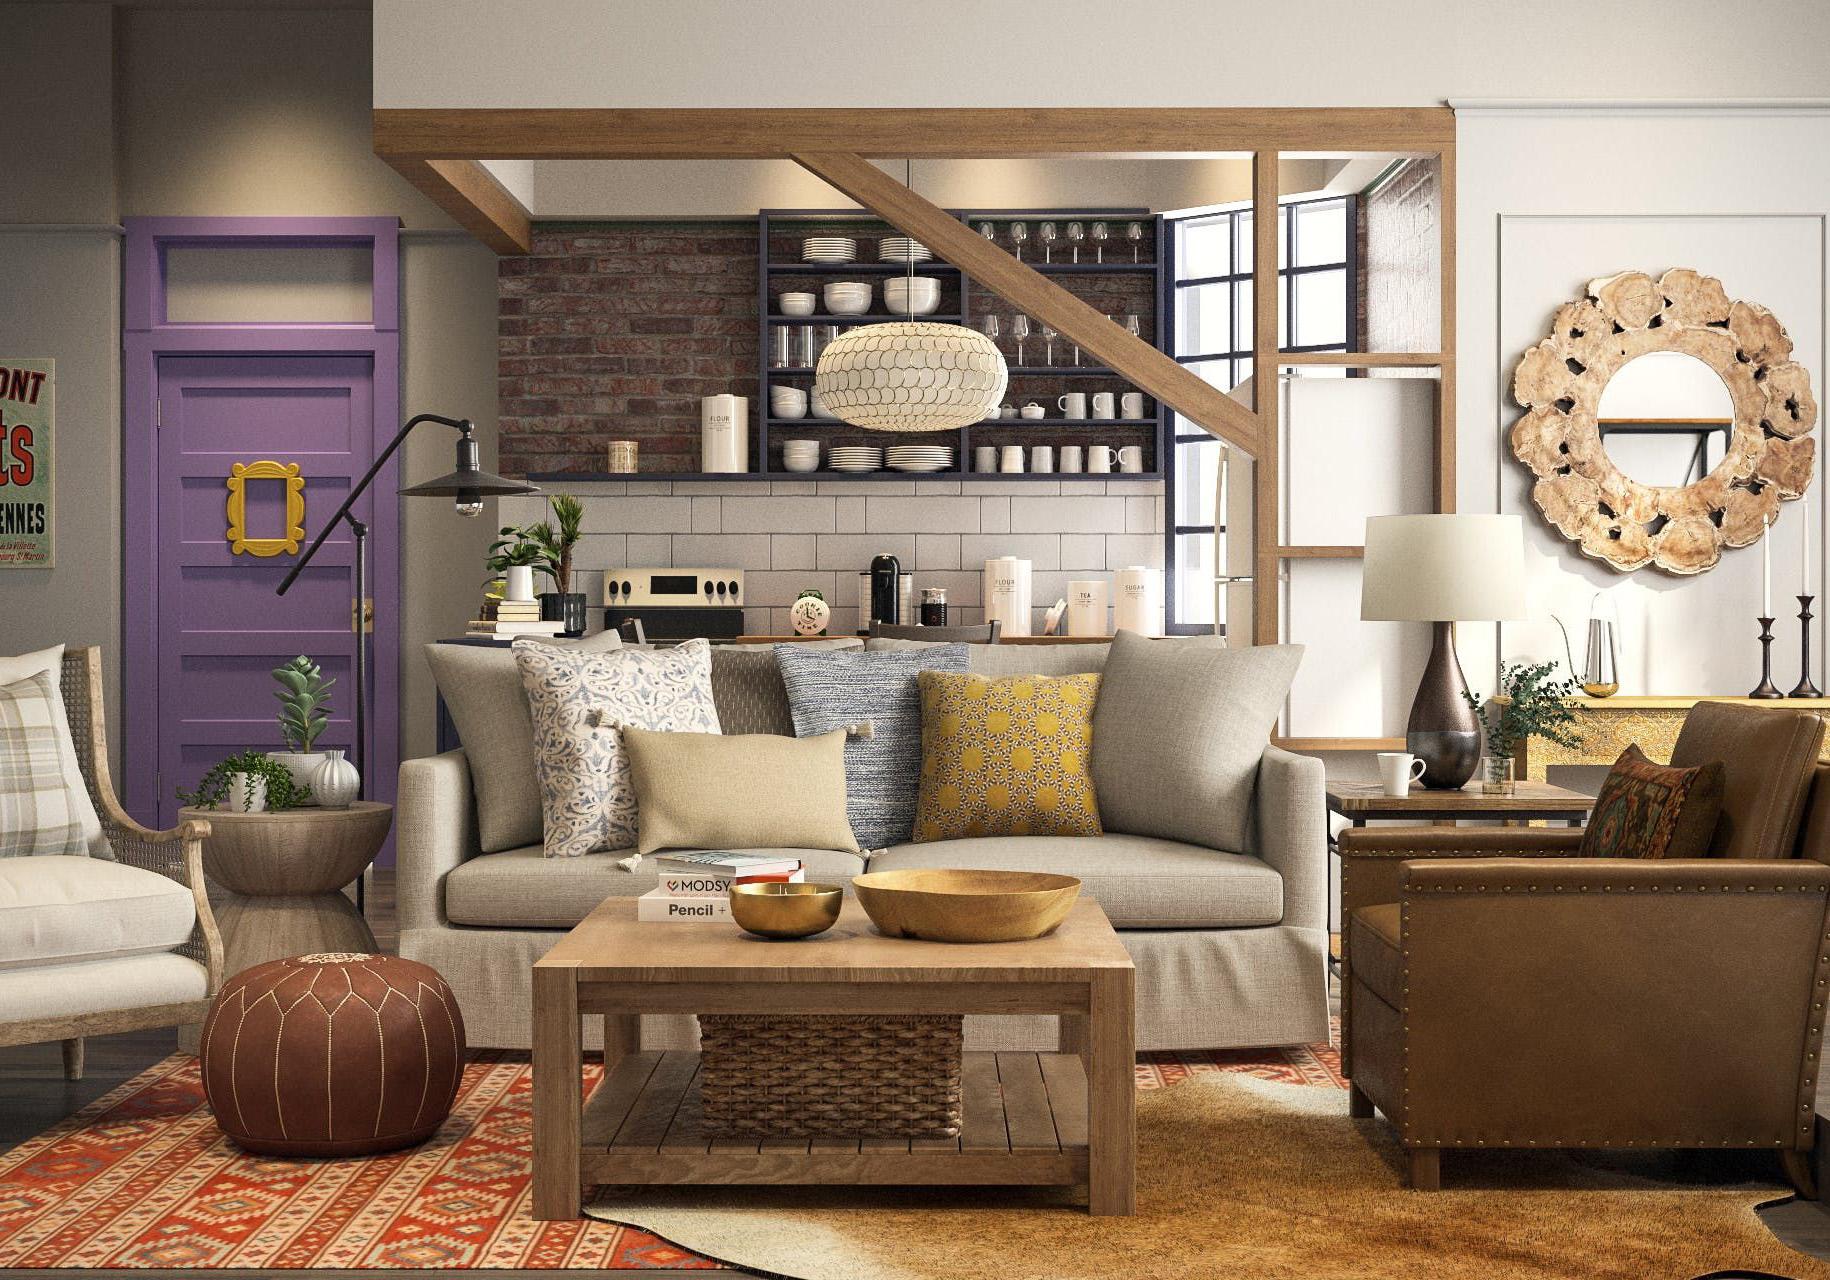 D couvrez l appartement mythique de friends en 2018 elle for Deco appartement 2018